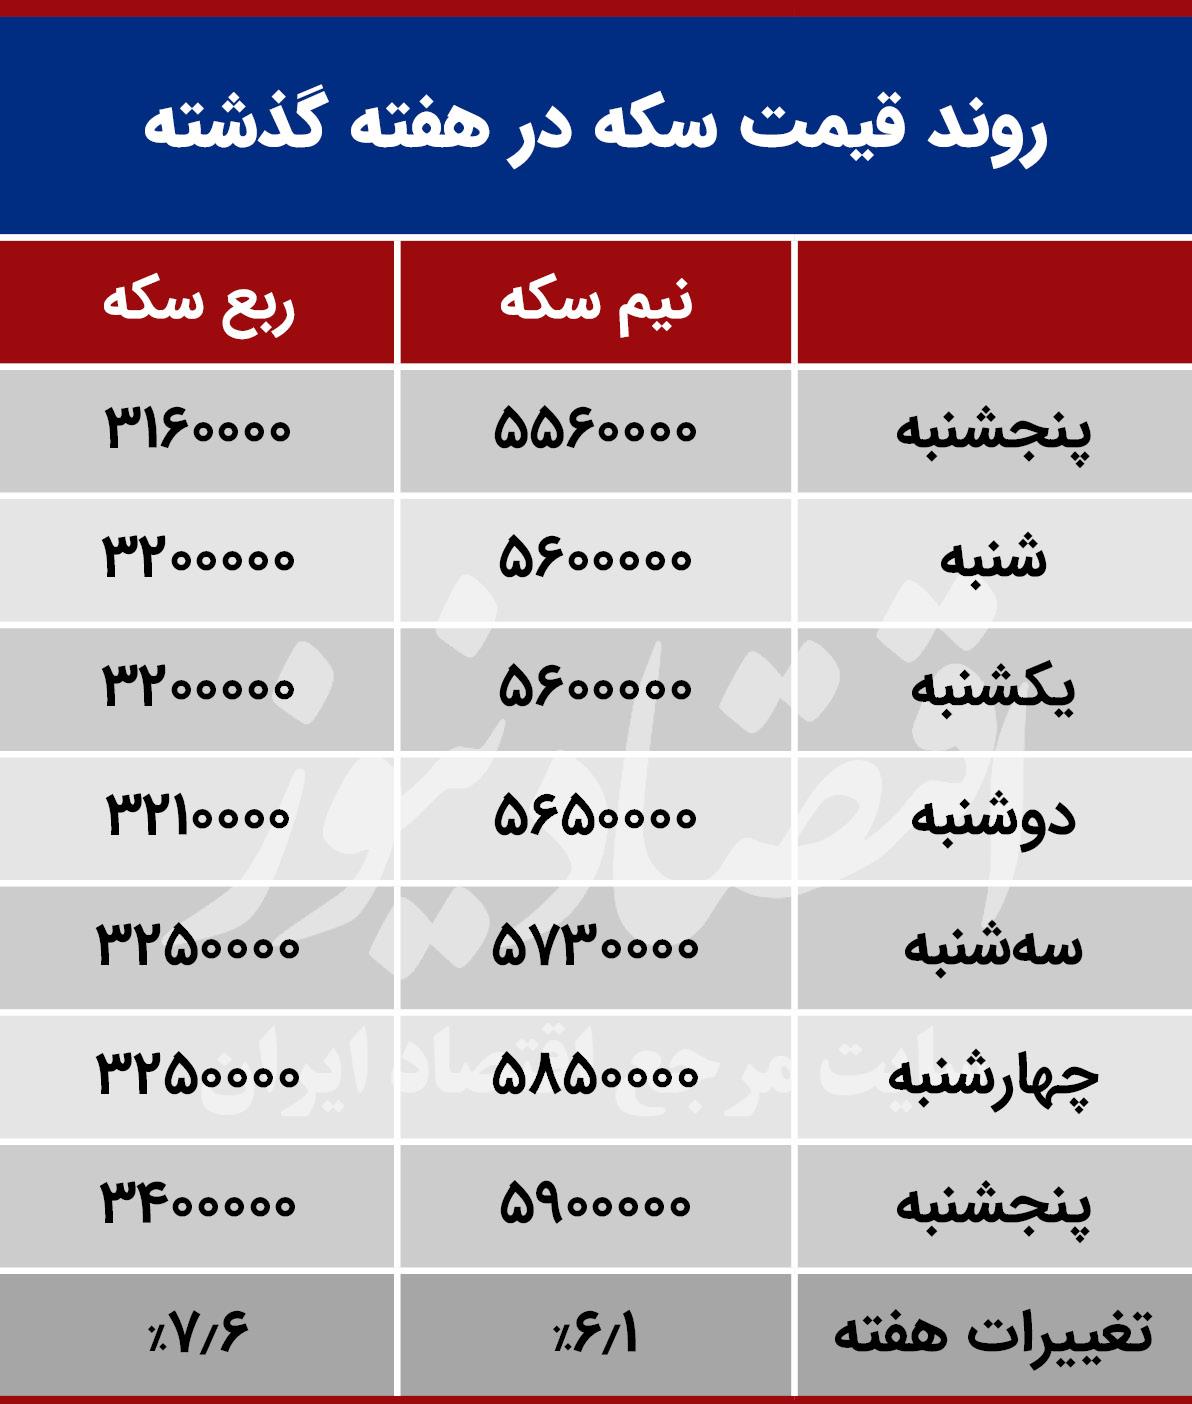 جدول تغییرات قیمت سکه در هفته سومشهیرویر